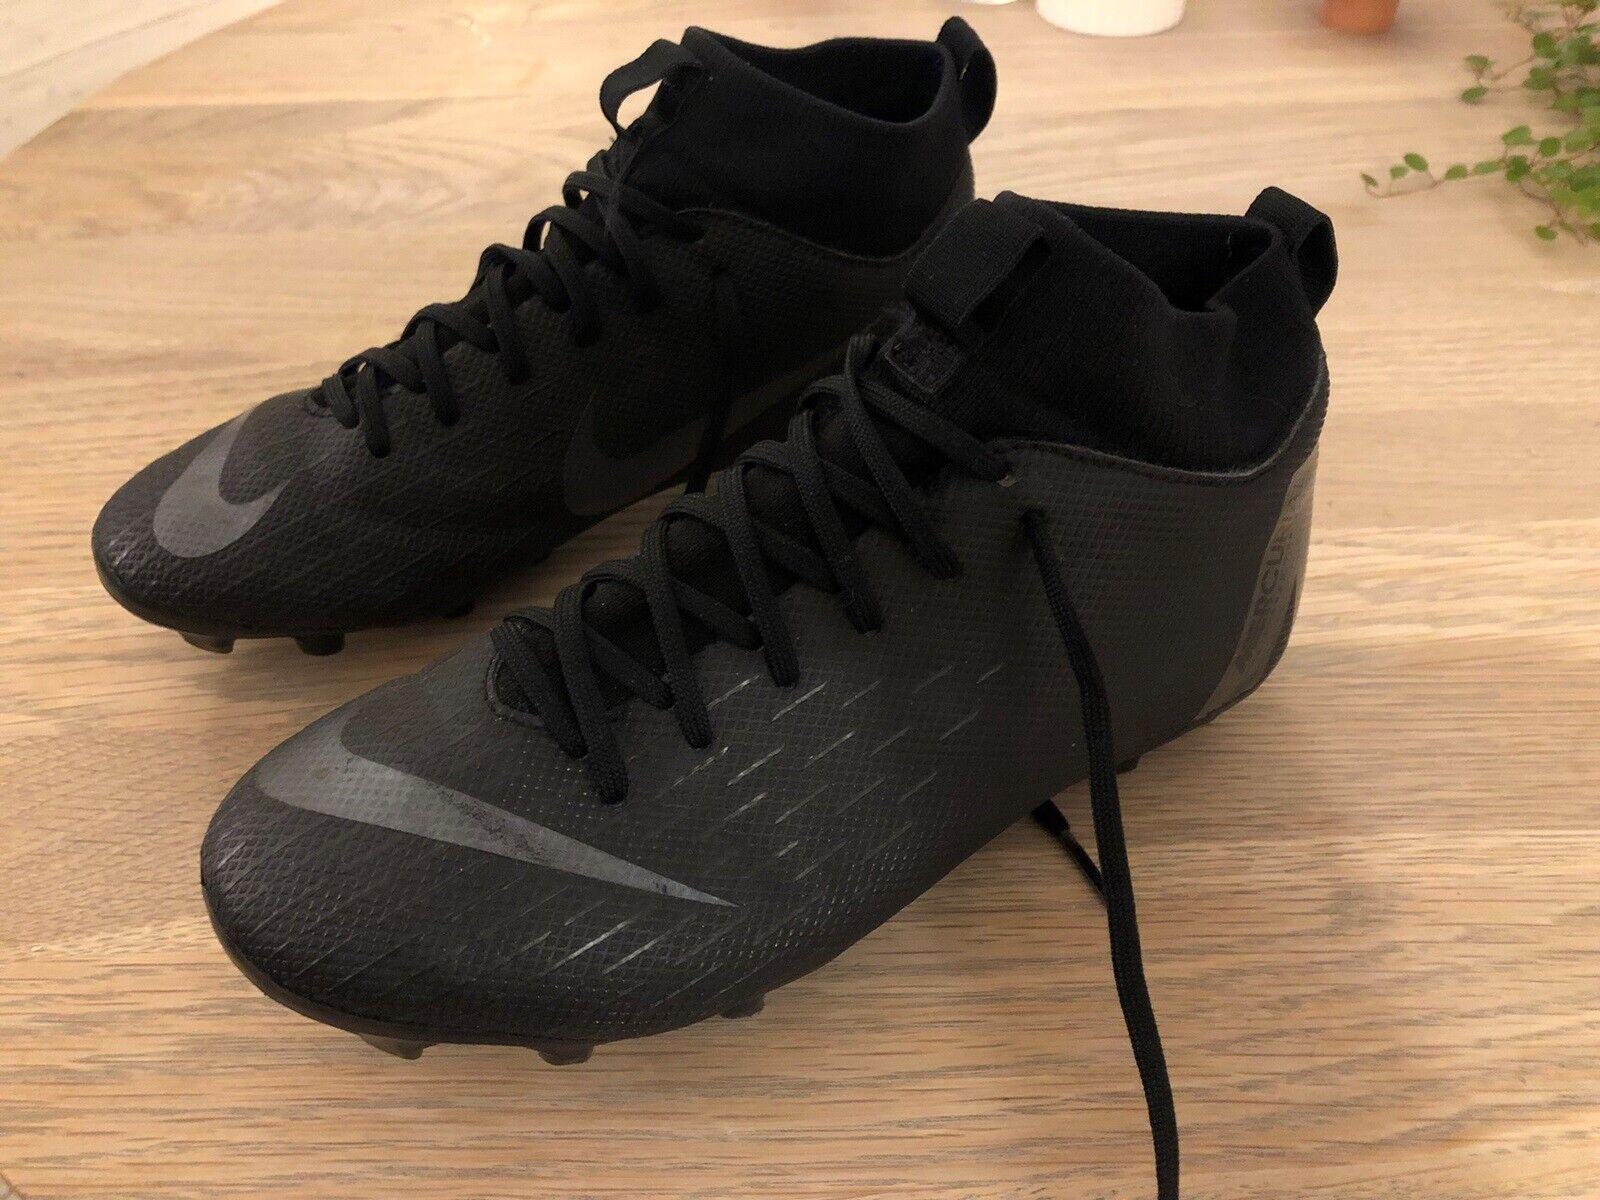 Fodboldstøvler, Støvler til